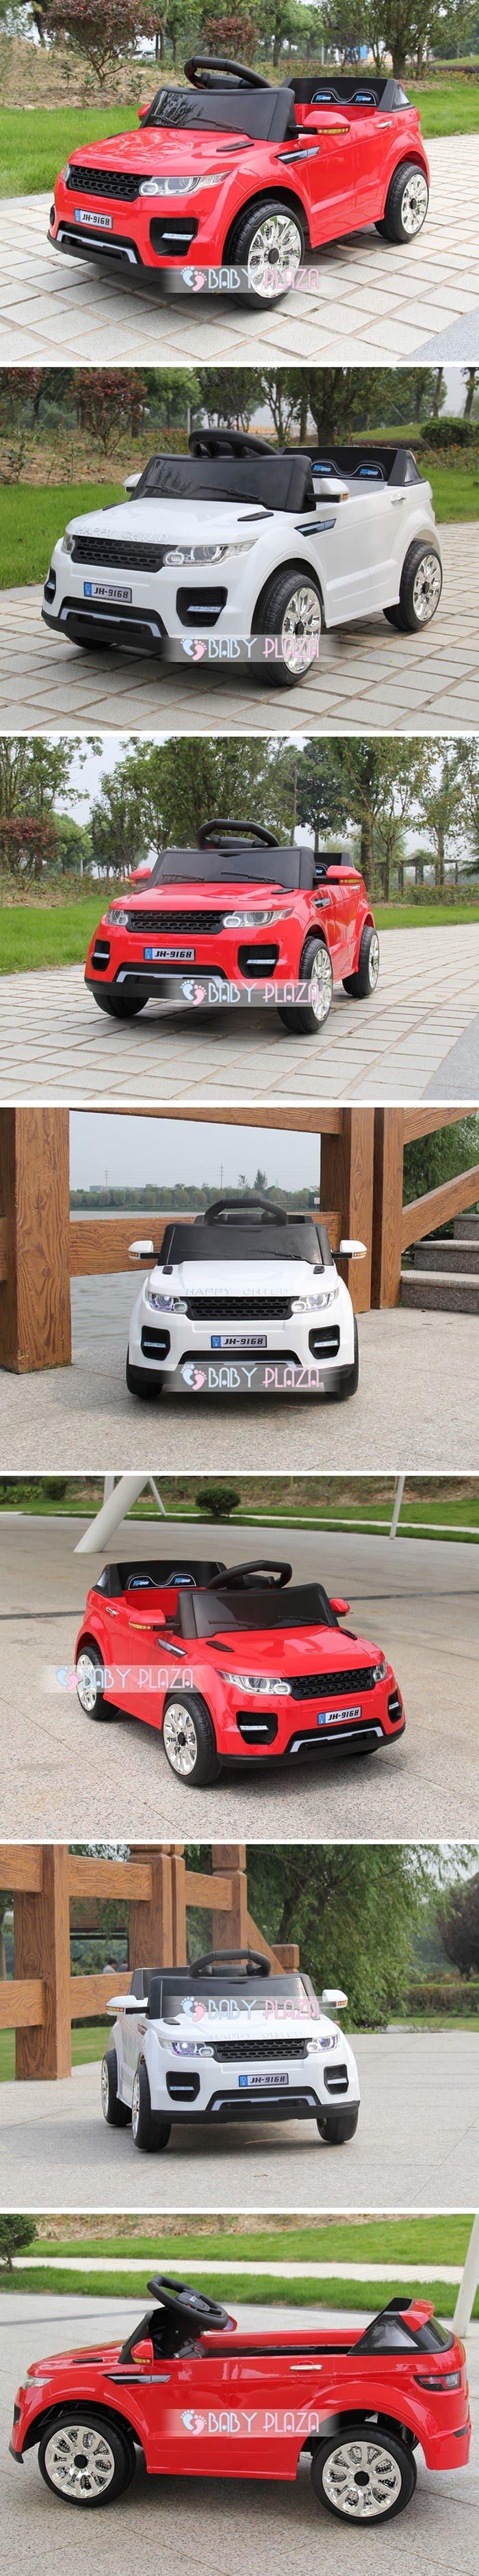 Xe hơi điện cho bé JH-9168 1